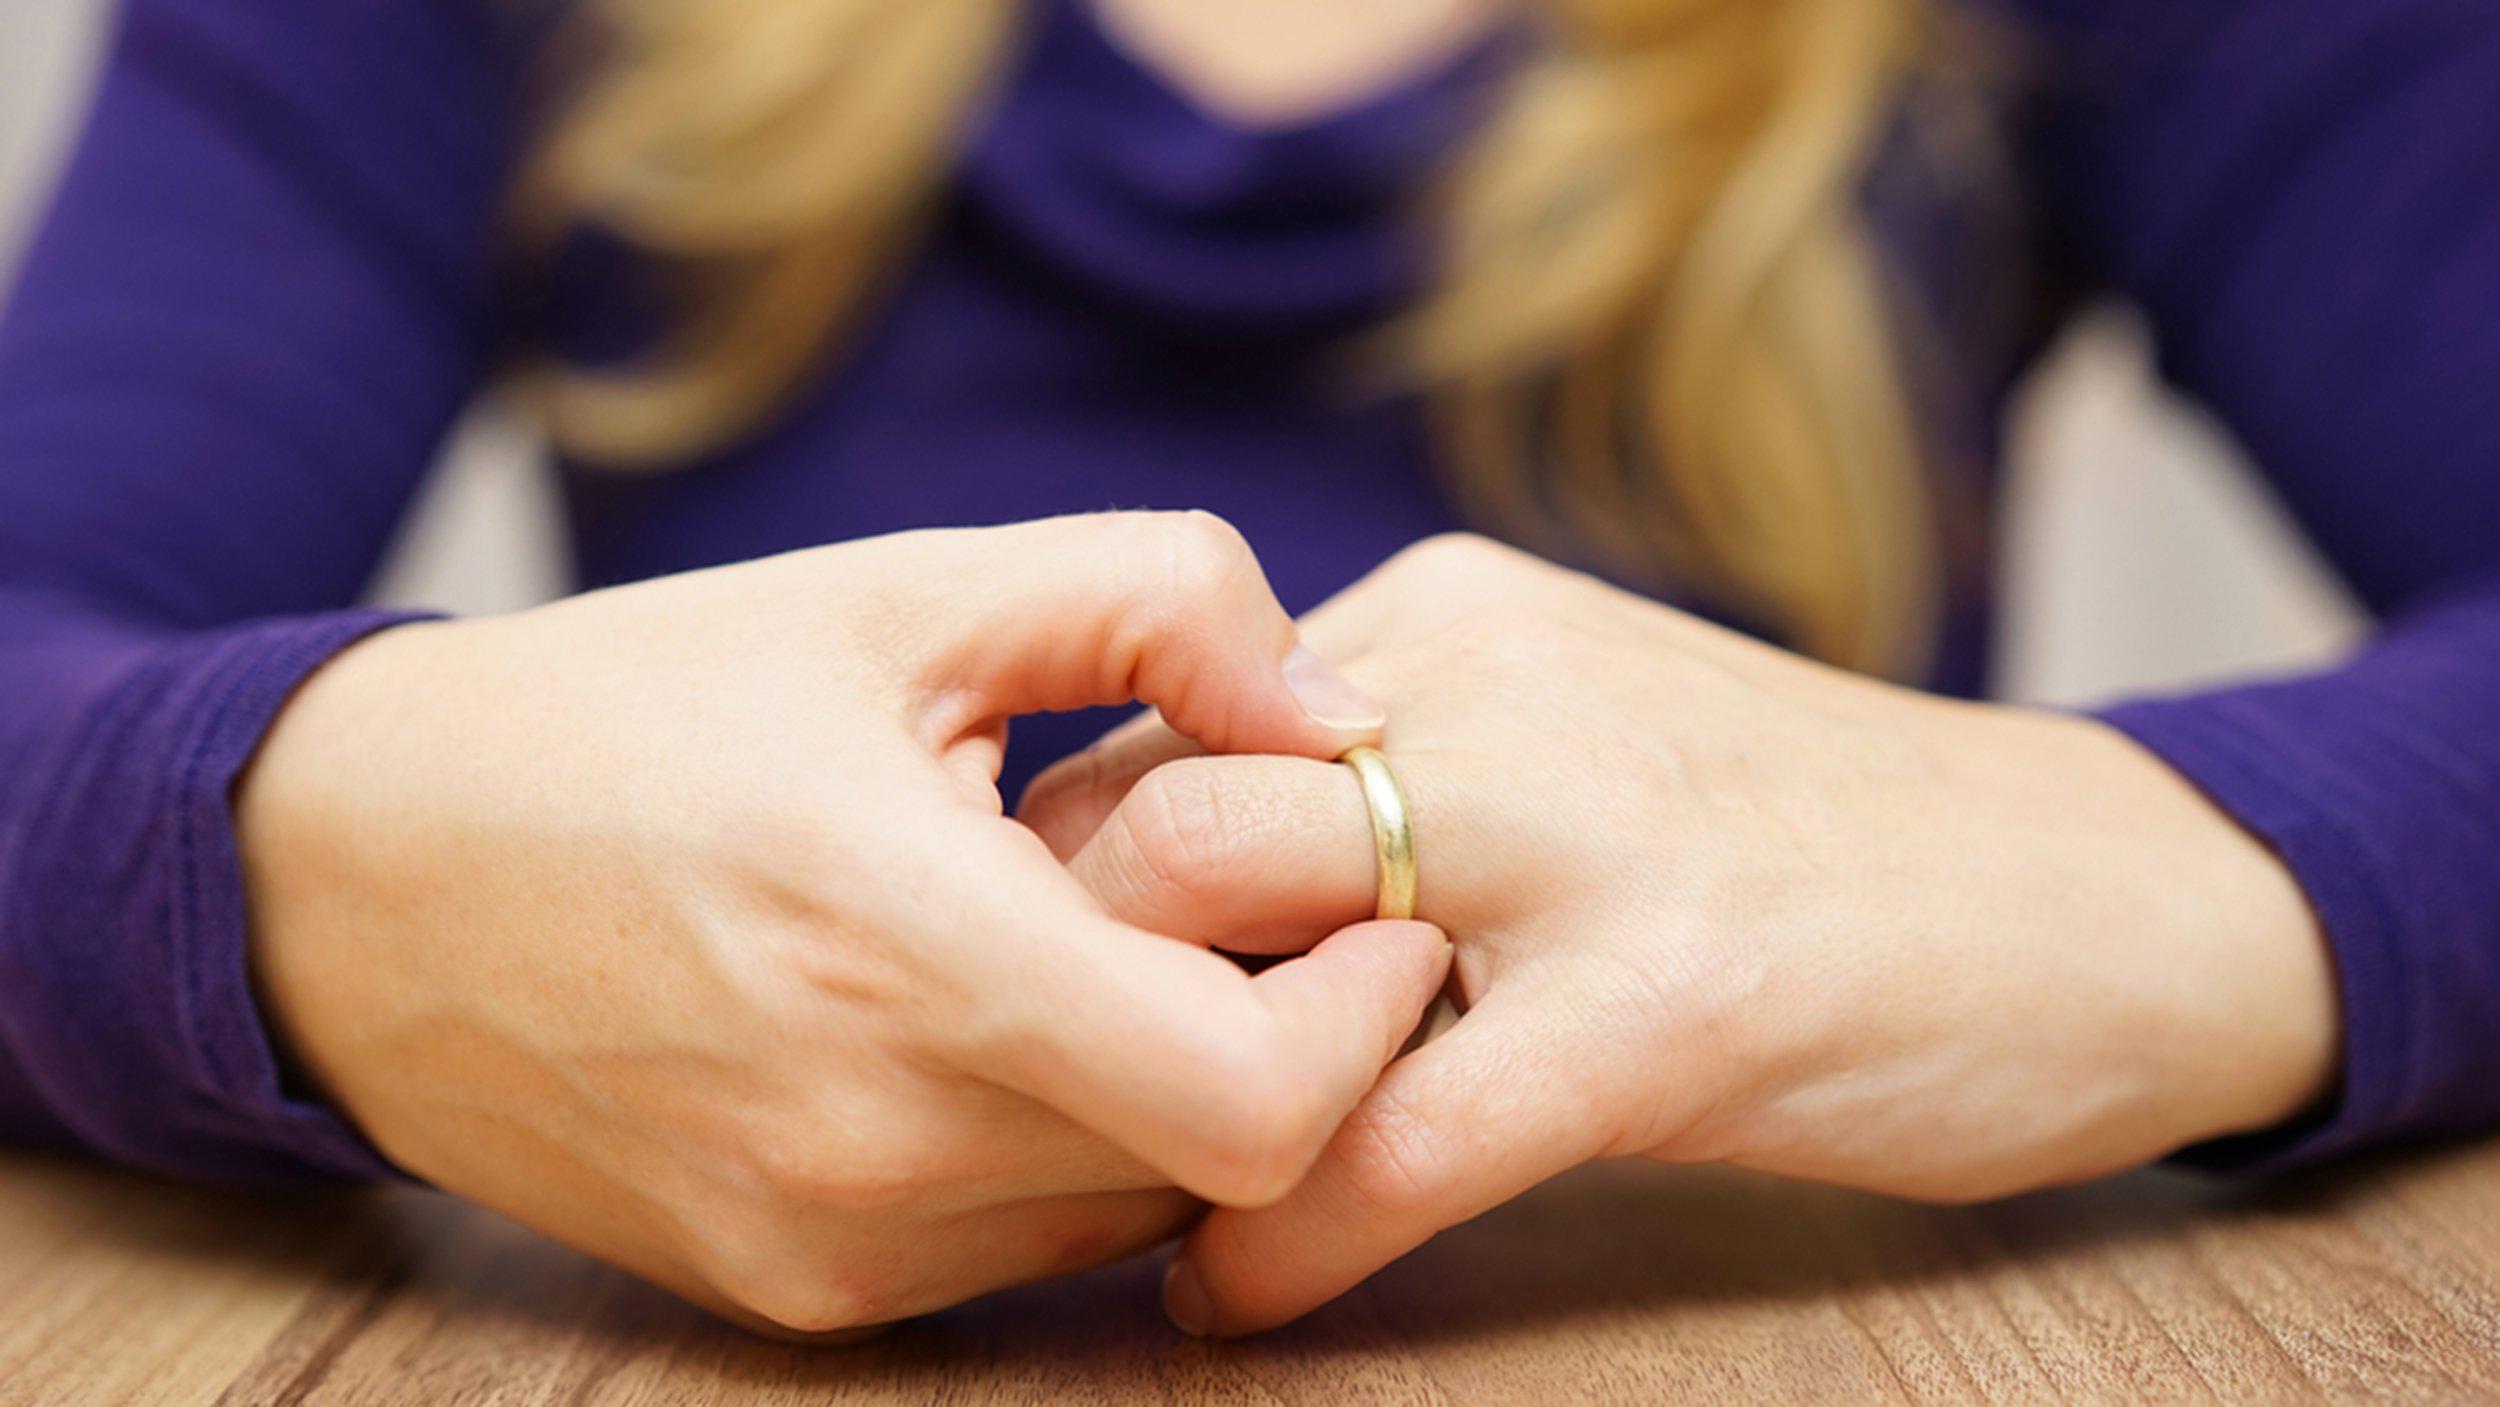 Rattraper sa femme qui veut divorcer